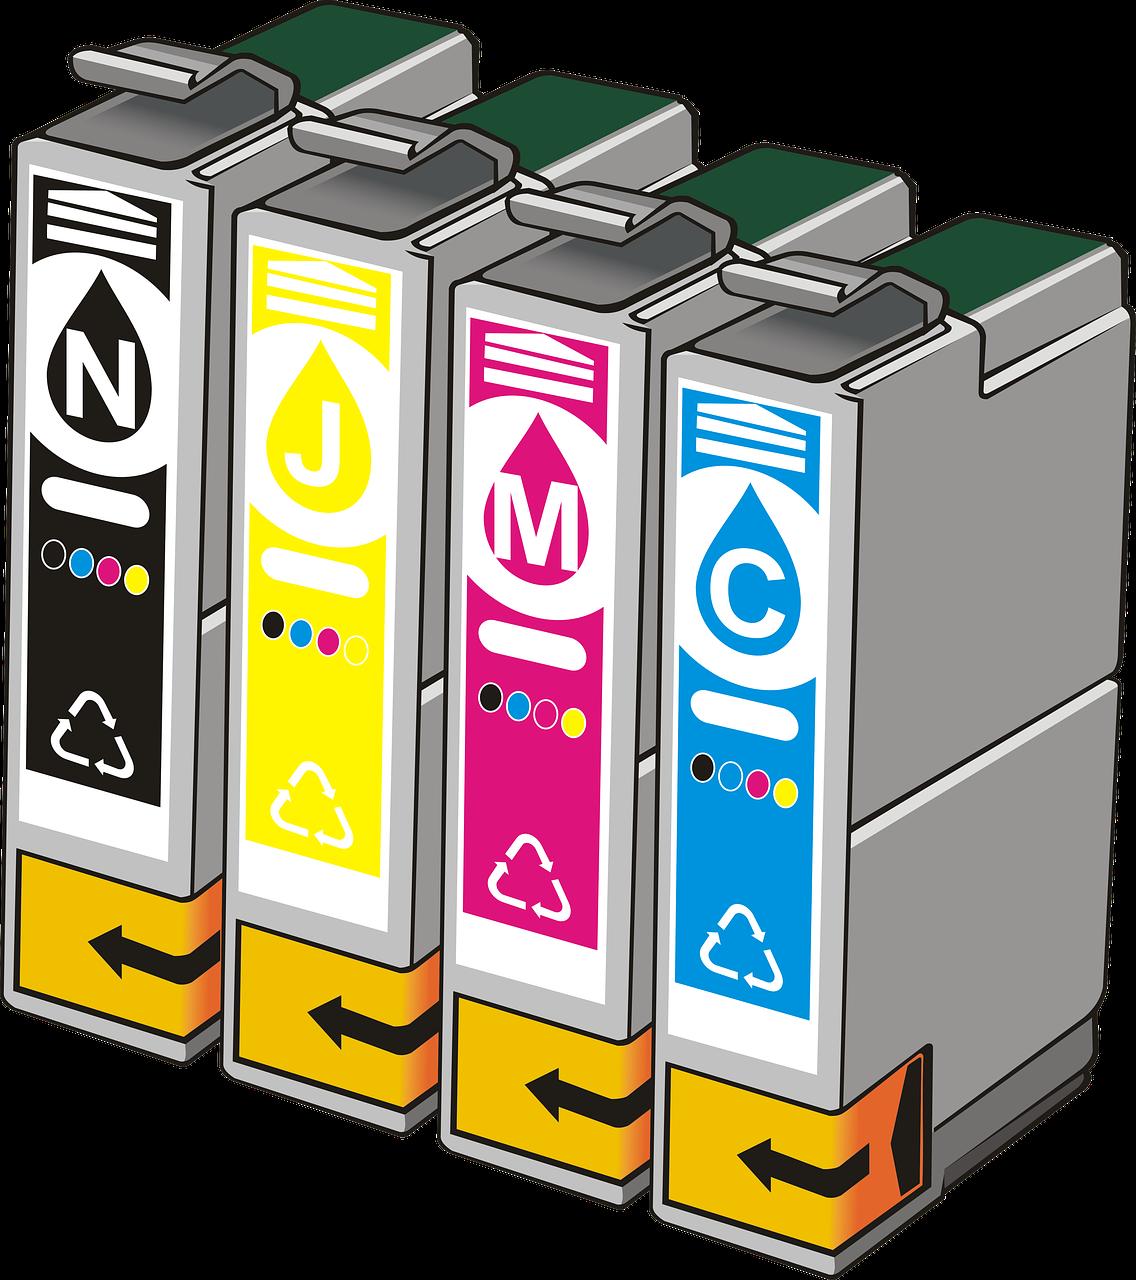 Przemysłowe drukarki do etykiet: na co zwracać uwagę?